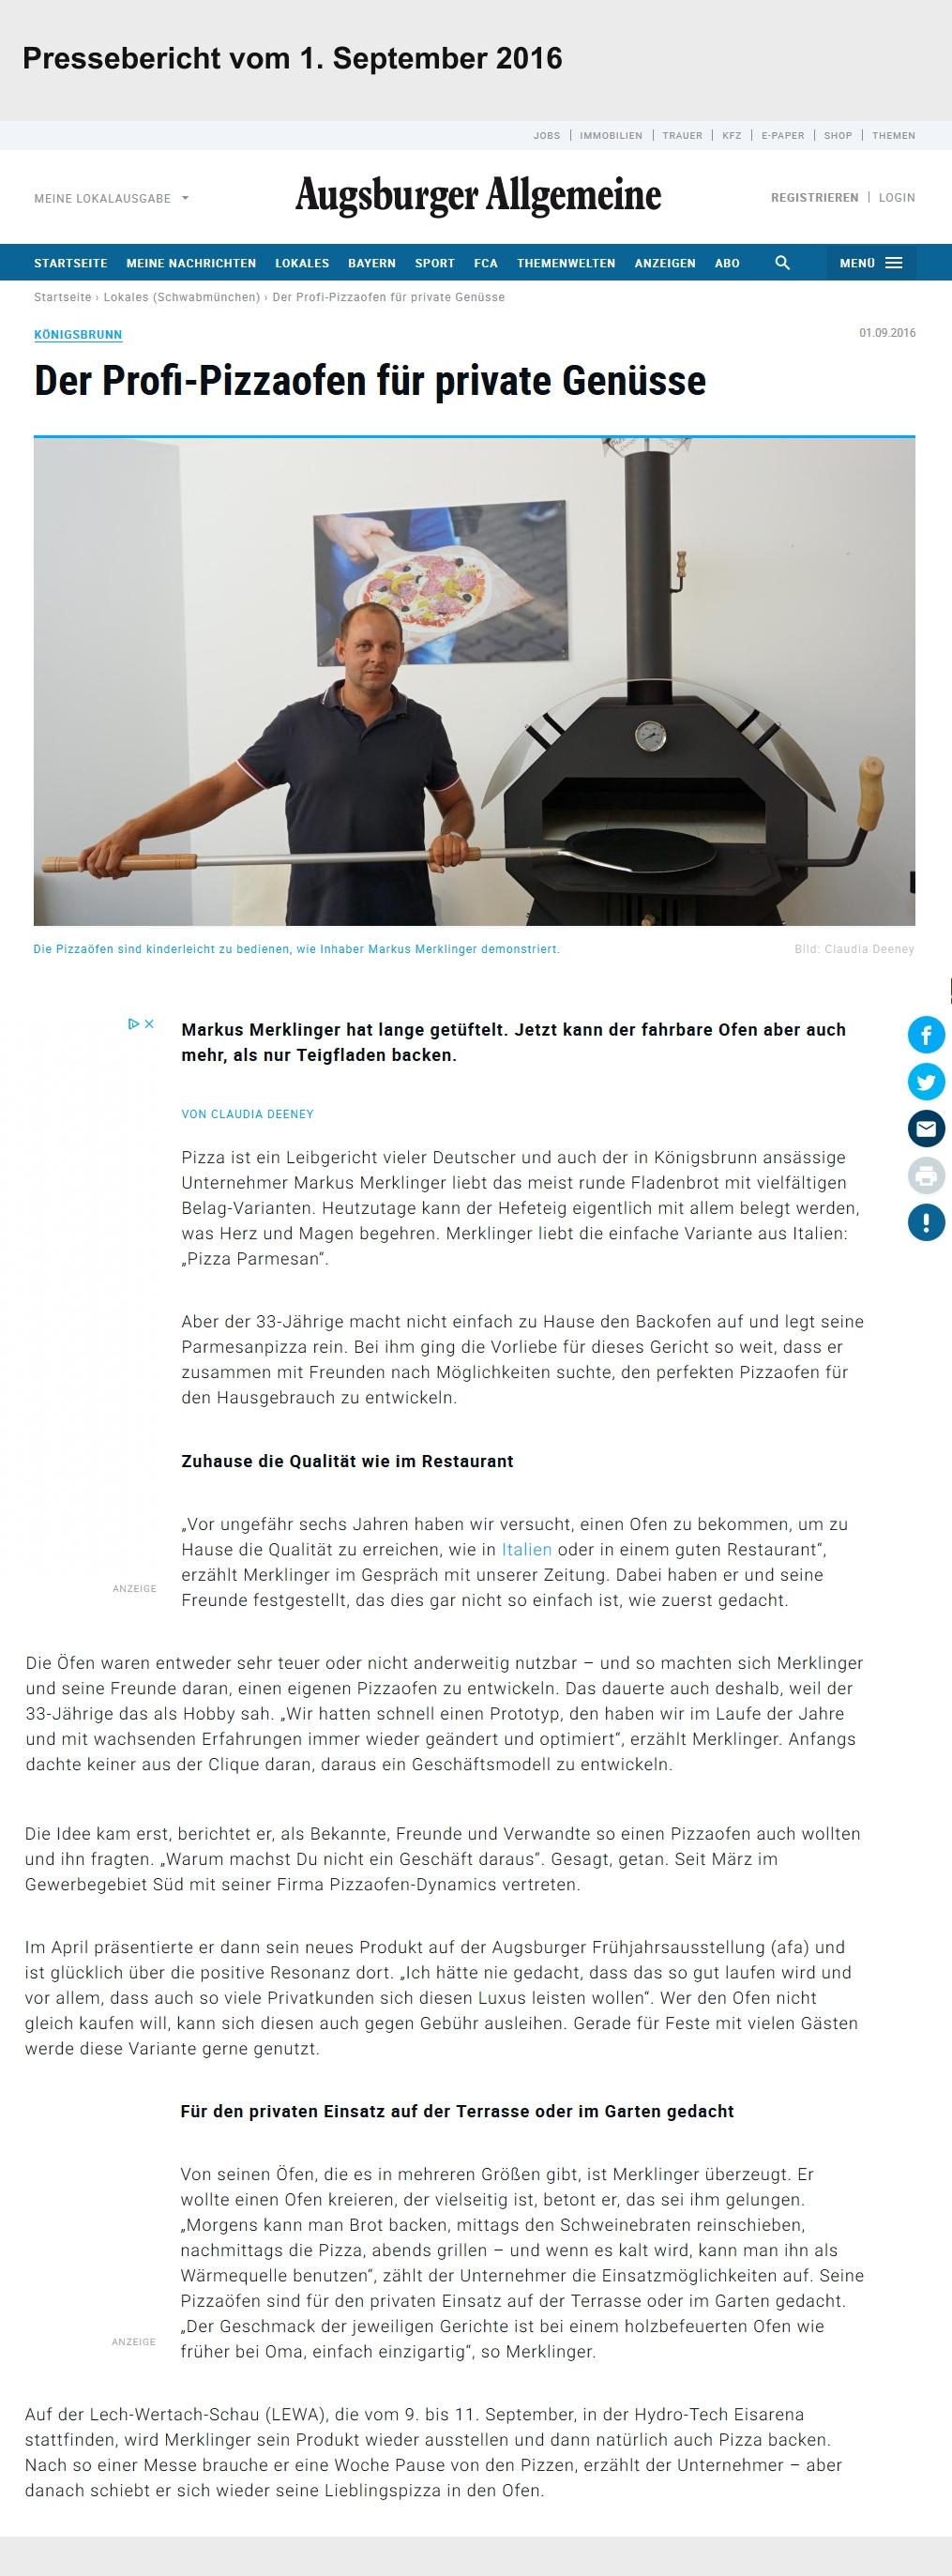 Pressebericht zu Markus Merklinger im September 2016